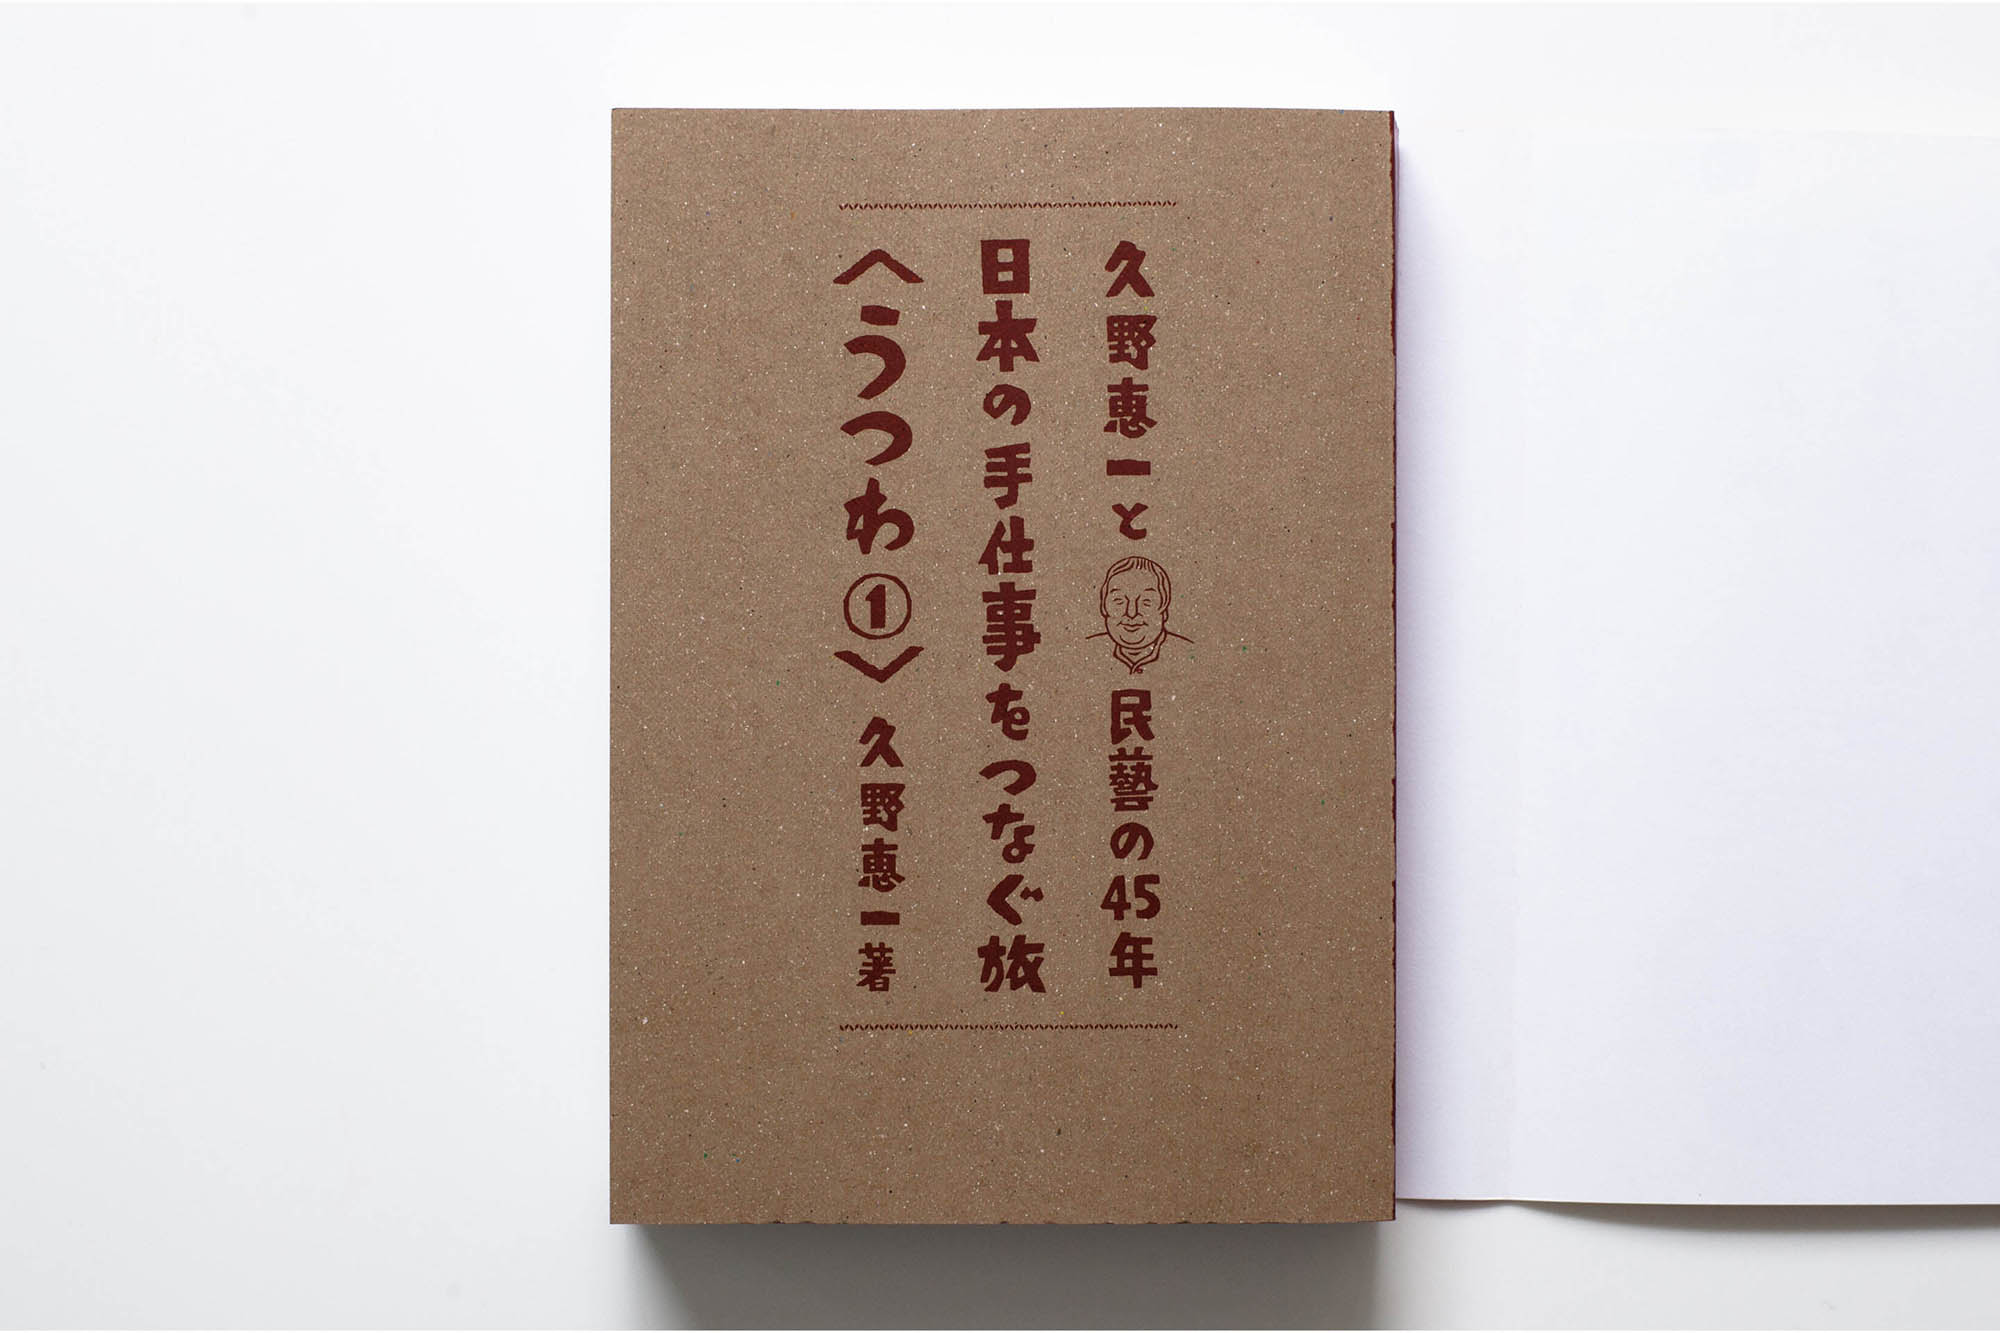 日本の手しごとをつなぐ旅 うつわ①